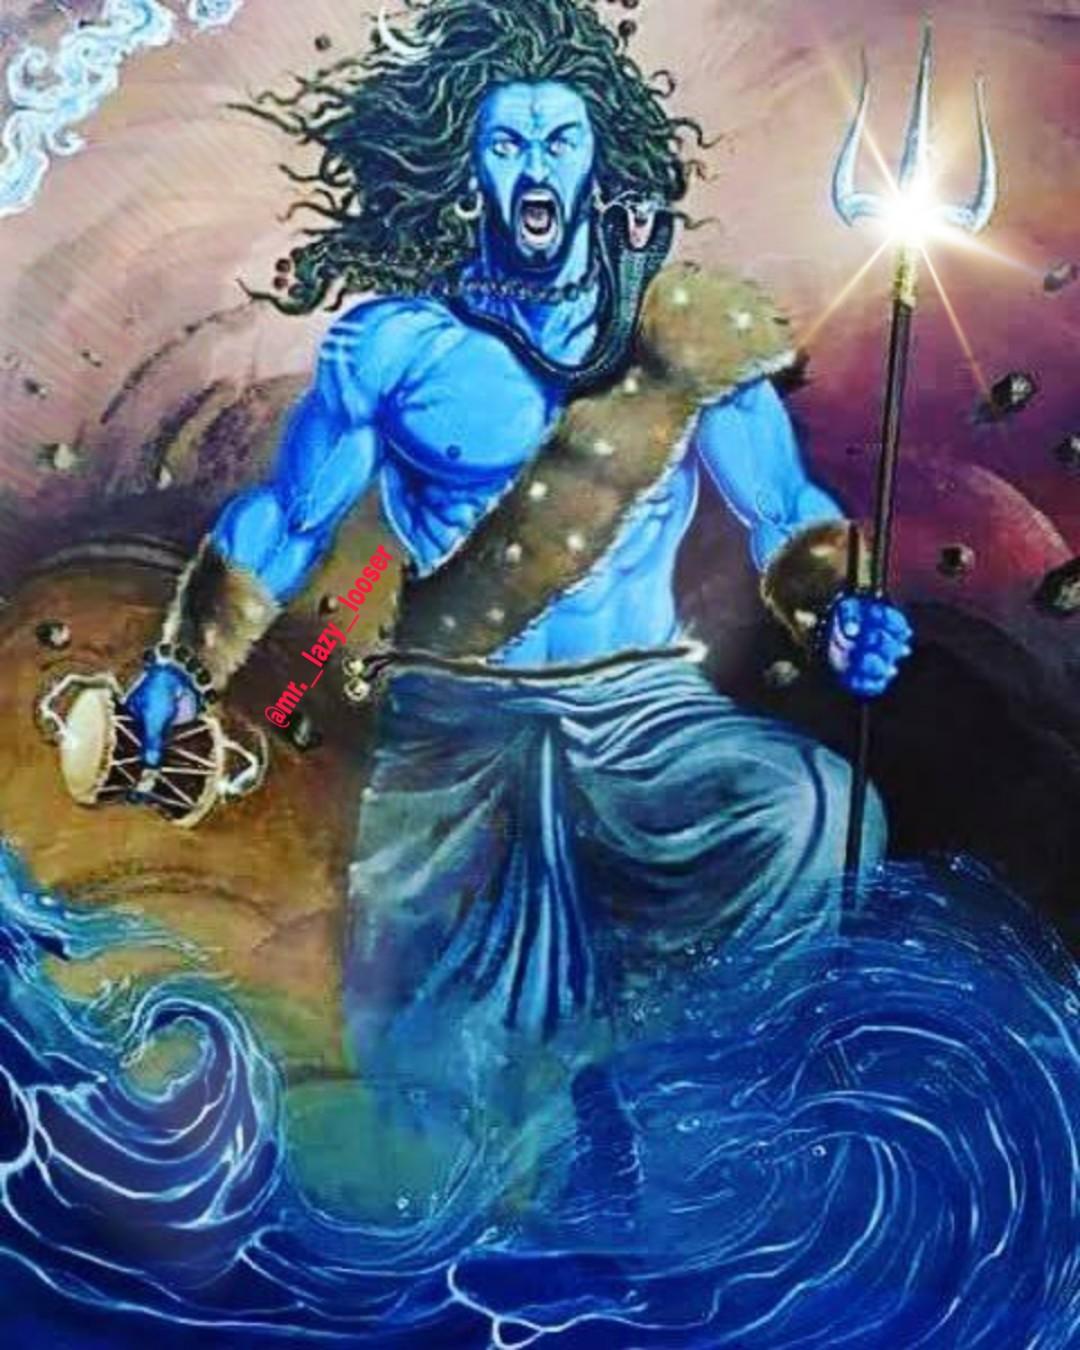 mahakal mahadev shiv lord bhagwan bhola hanuman bhakt